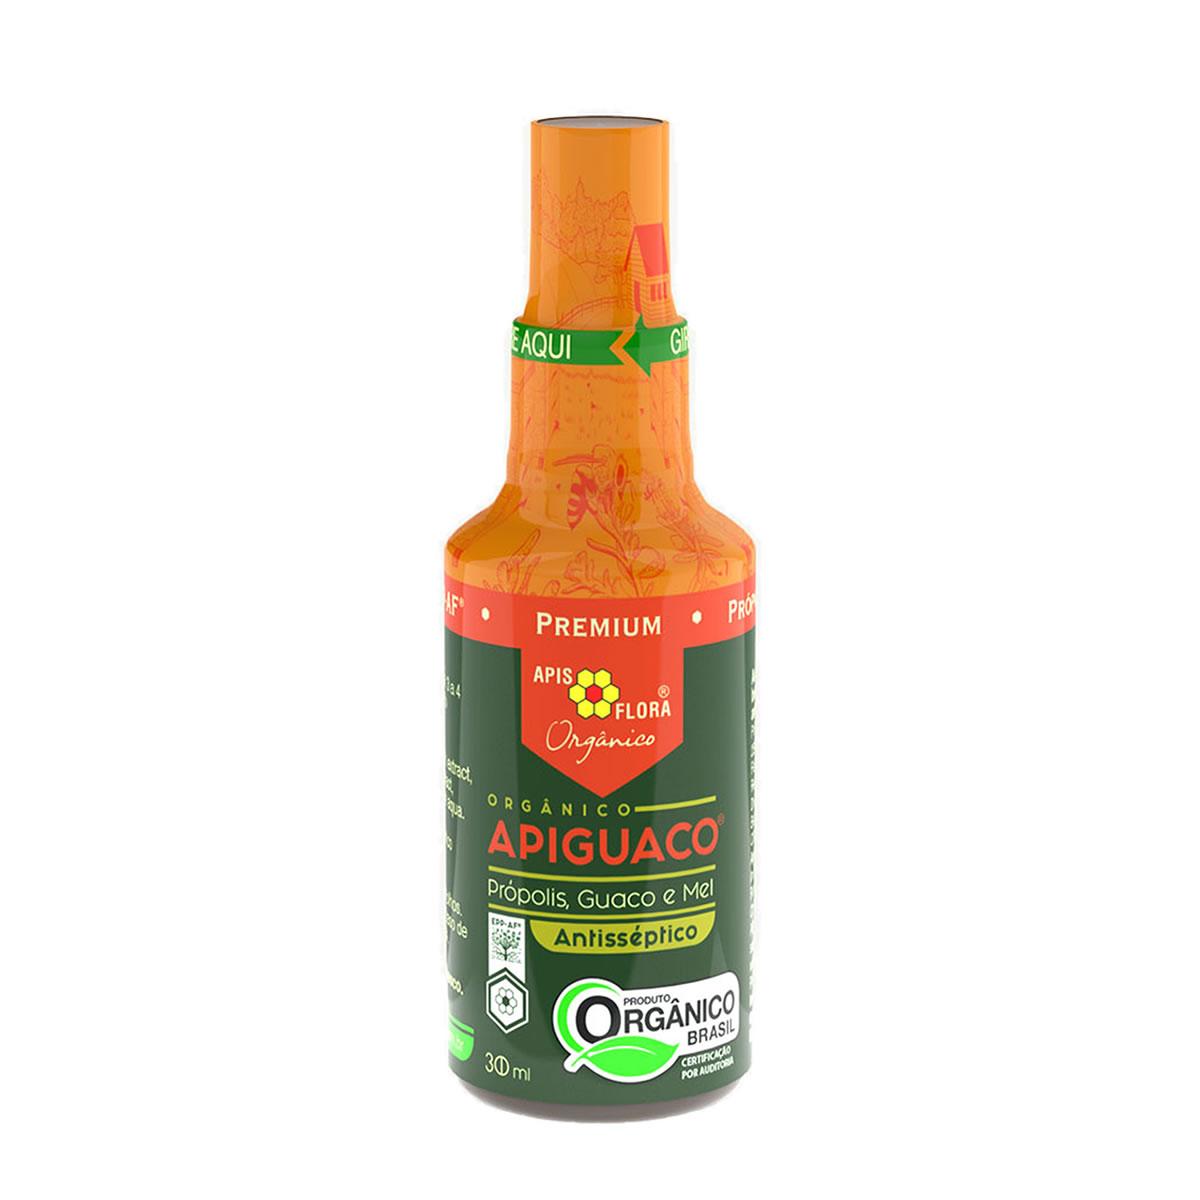 Apiguaco Orgânico Spray Sabor Própolis, Guaco e Mel 30ml - Apis Flora